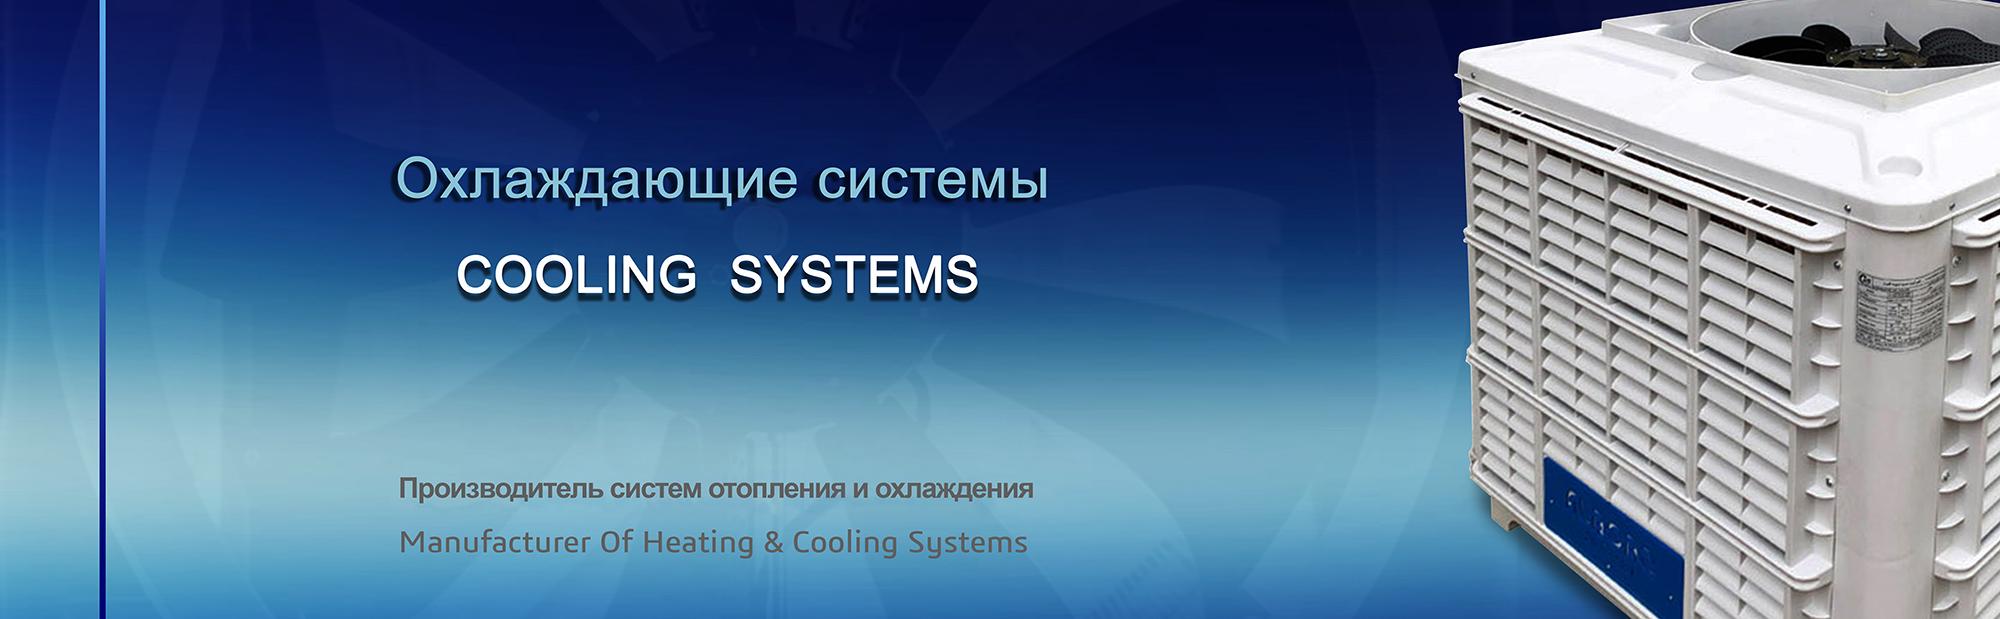 Охлаждающие системы Ниру Тахвие Алборз